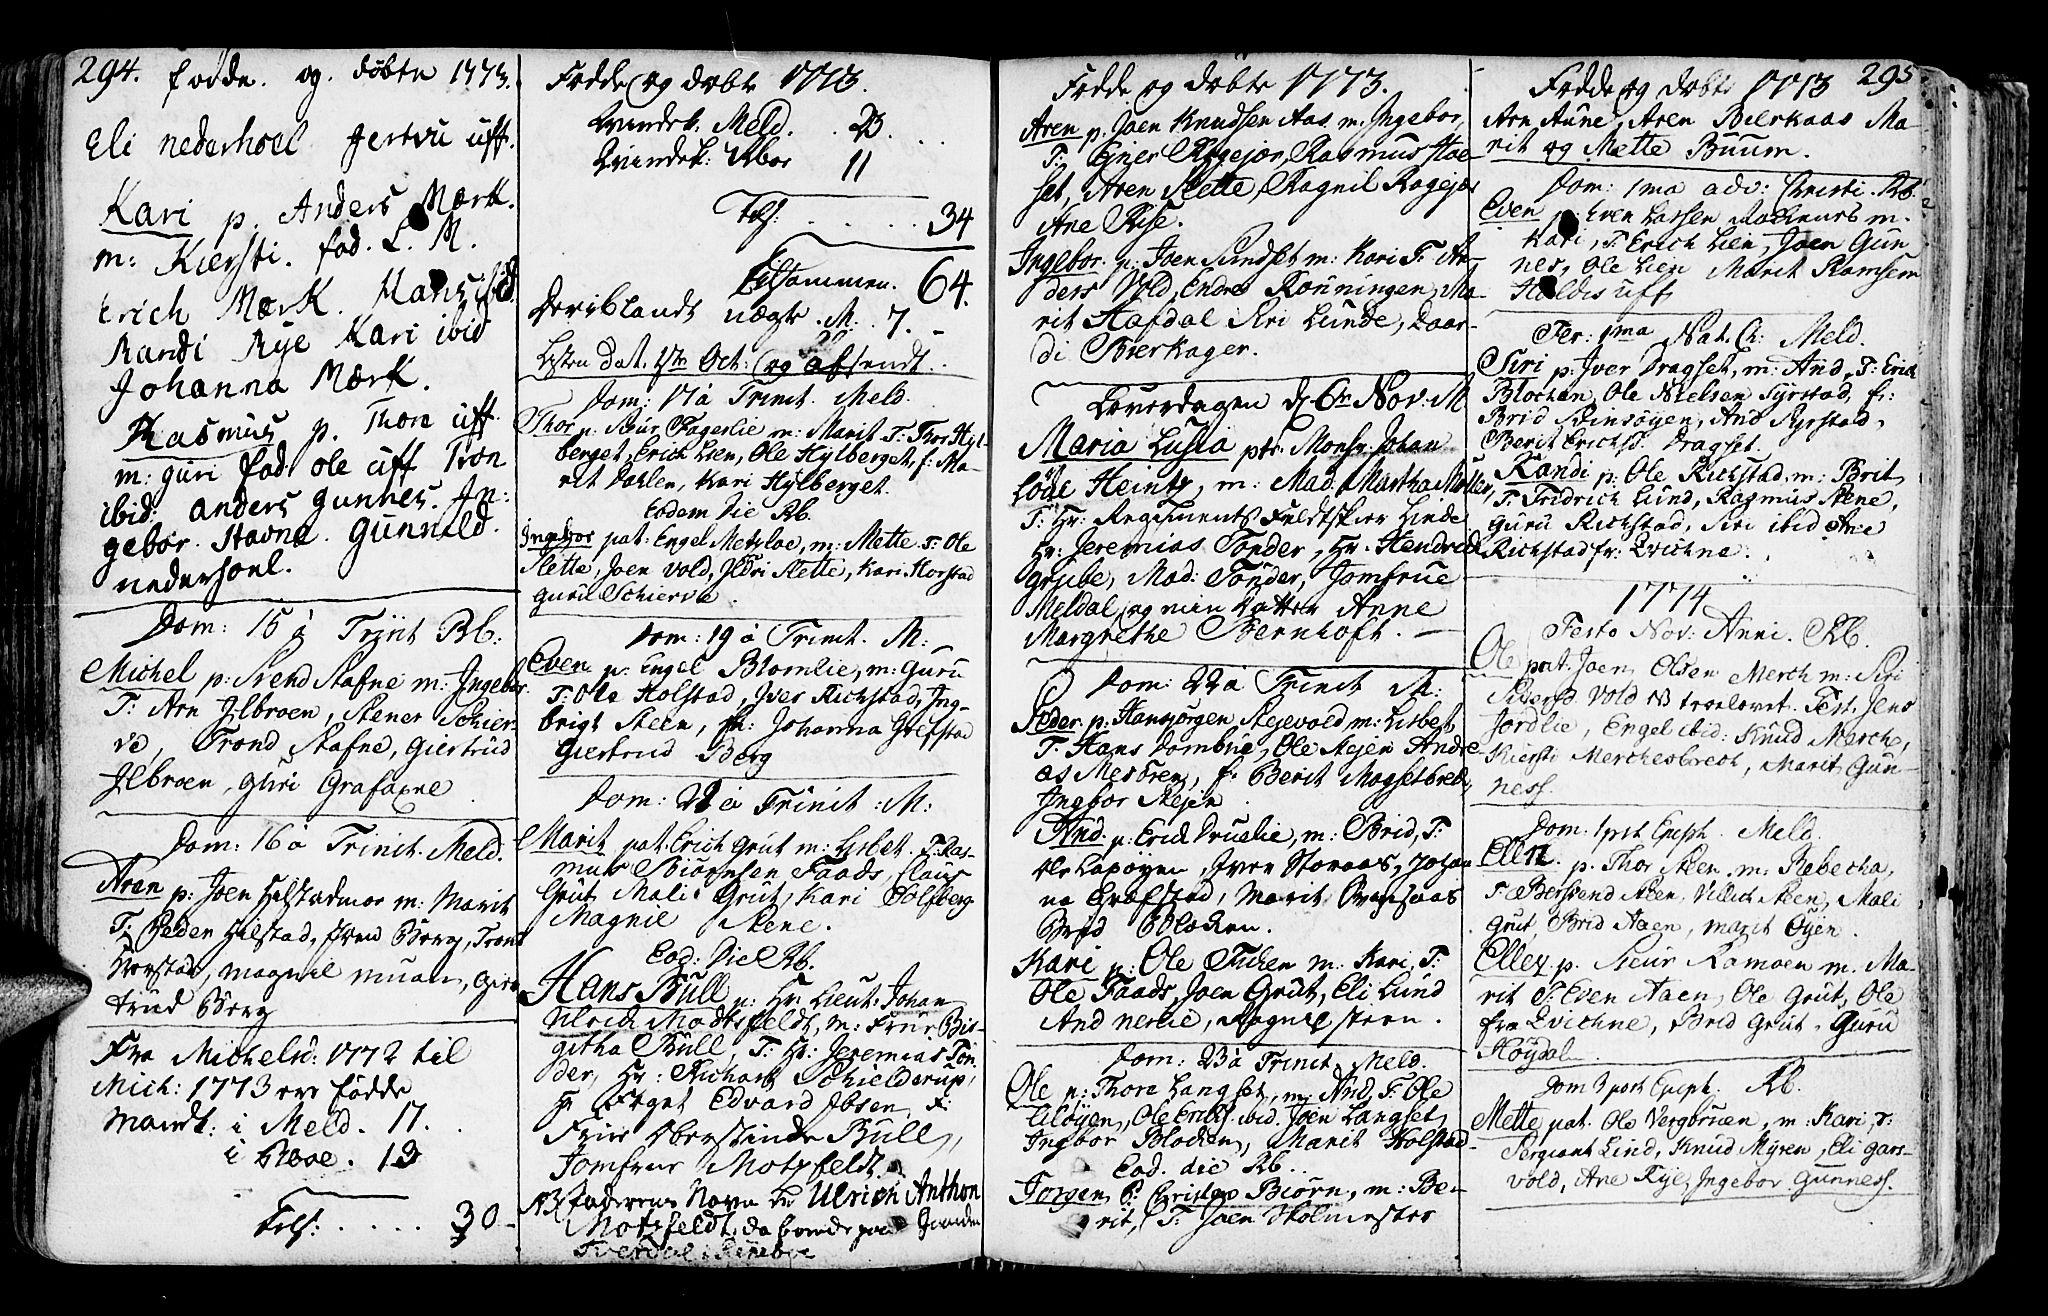 SAT, Ministerialprotokoller, klokkerbøker og fødselsregistre - Sør-Trøndelag, 672/L0851: Ministerialbok nr. 672A04, 1751-1775, s. 294-295